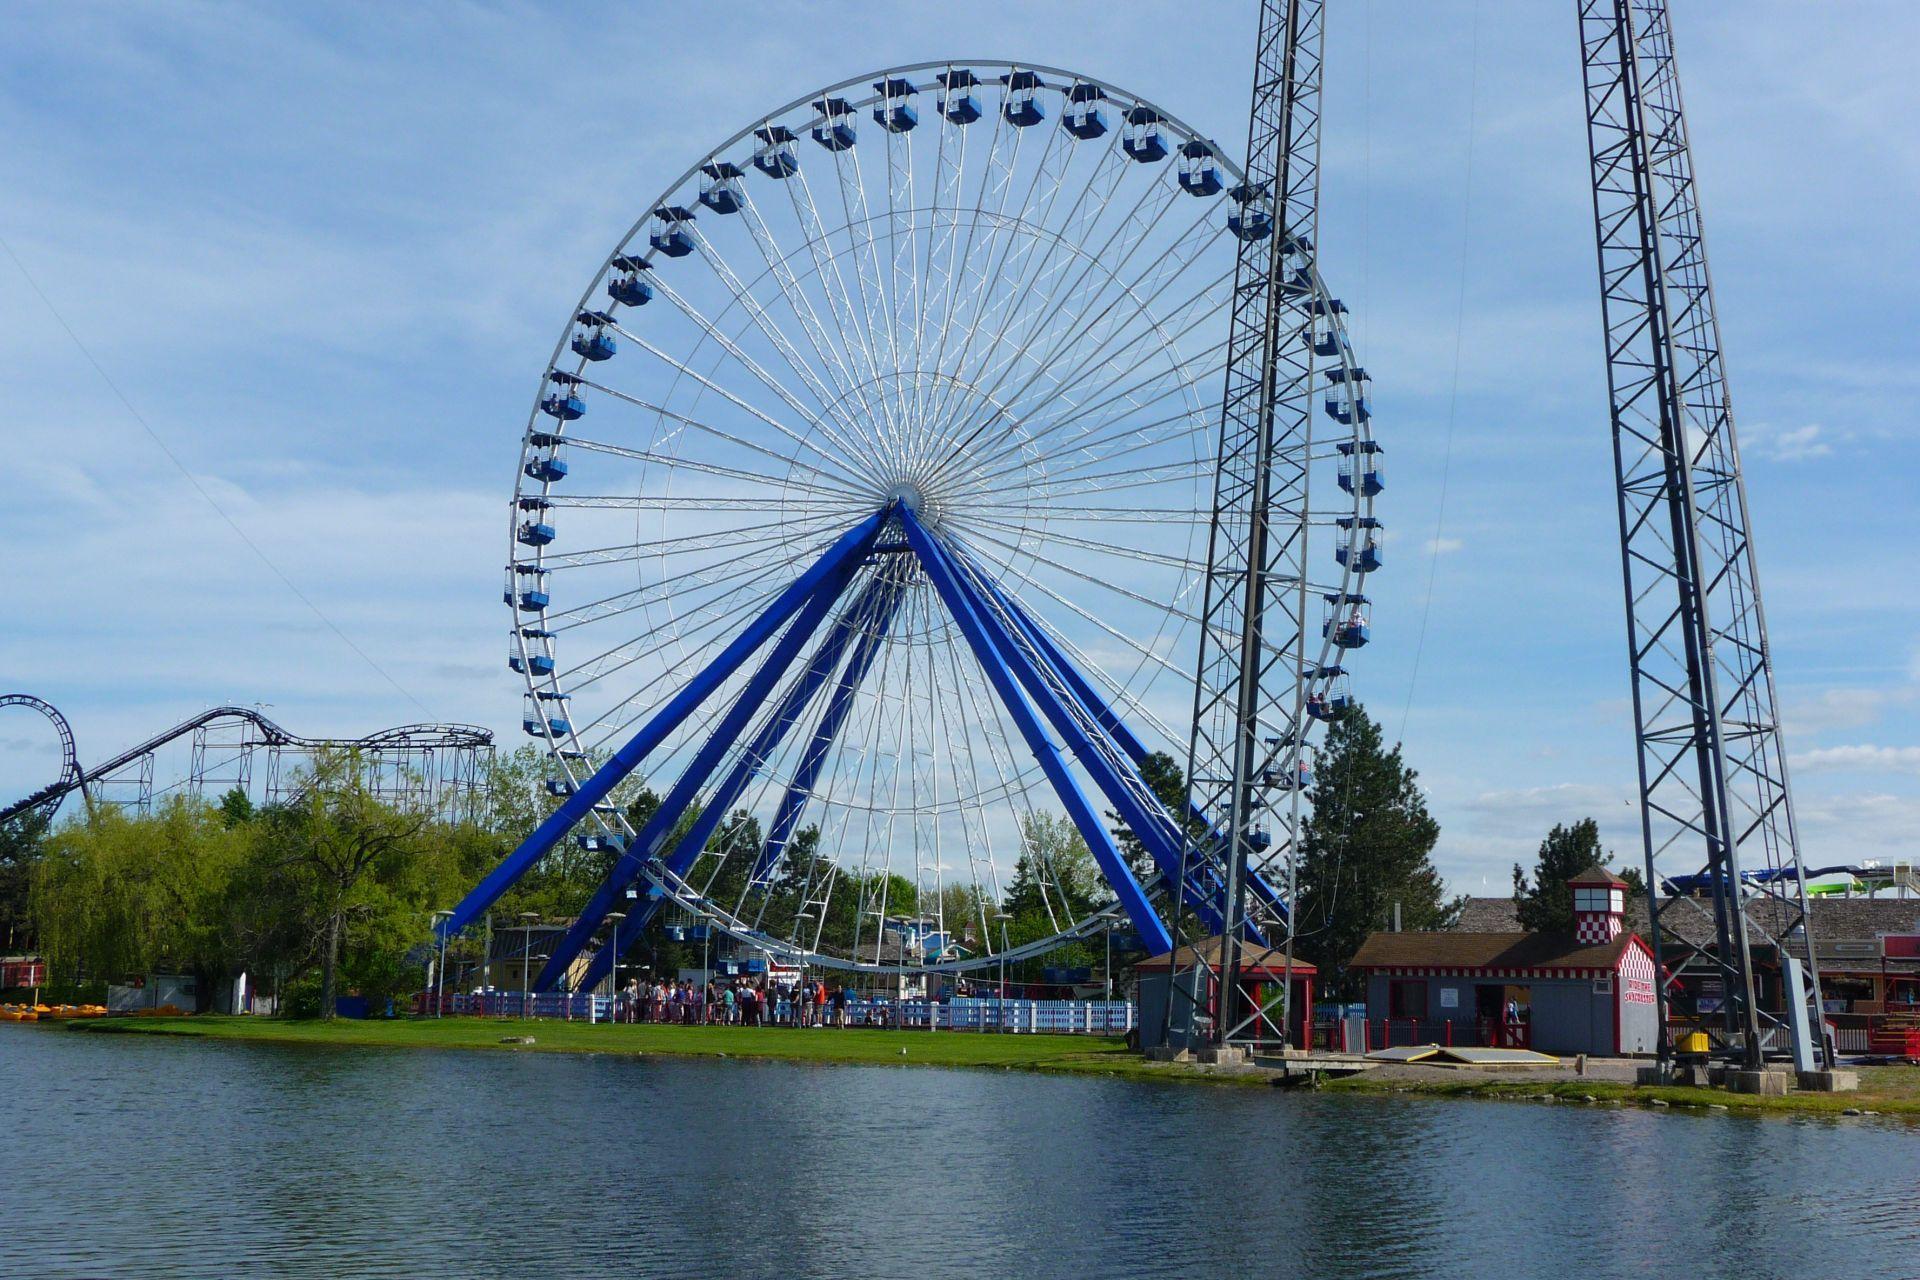 Darien Lake Six Flags New York Darien Lake Places Ive Been Lake